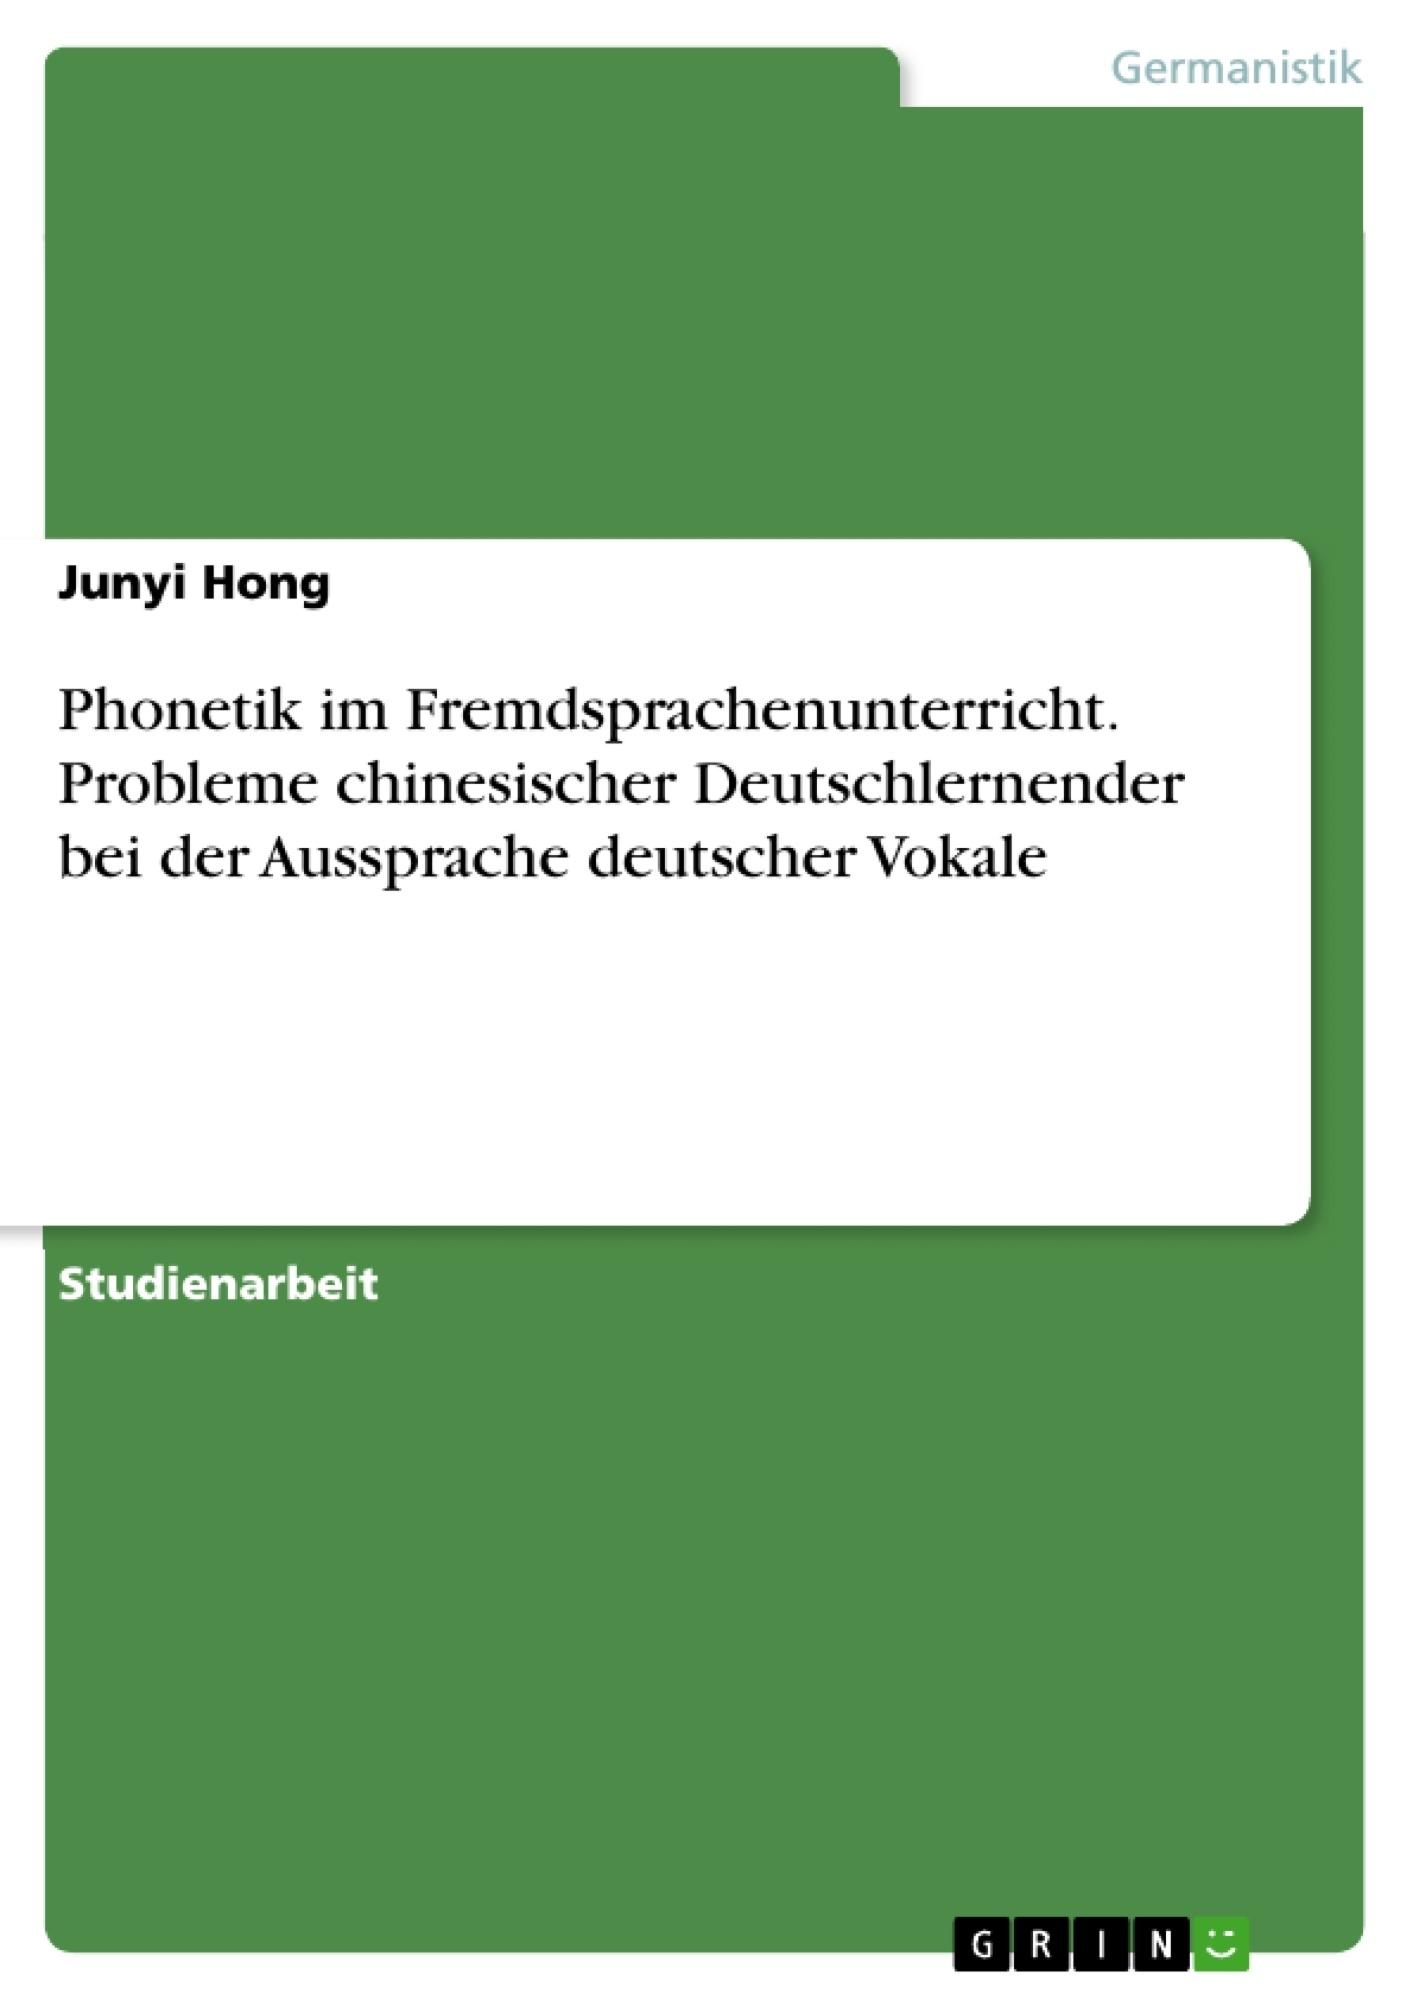 Titel: Phonetik im Fremdsprachenunterricht. Probleme chinesischer Deutschlernender bei der Aussprache deutscher Vokale